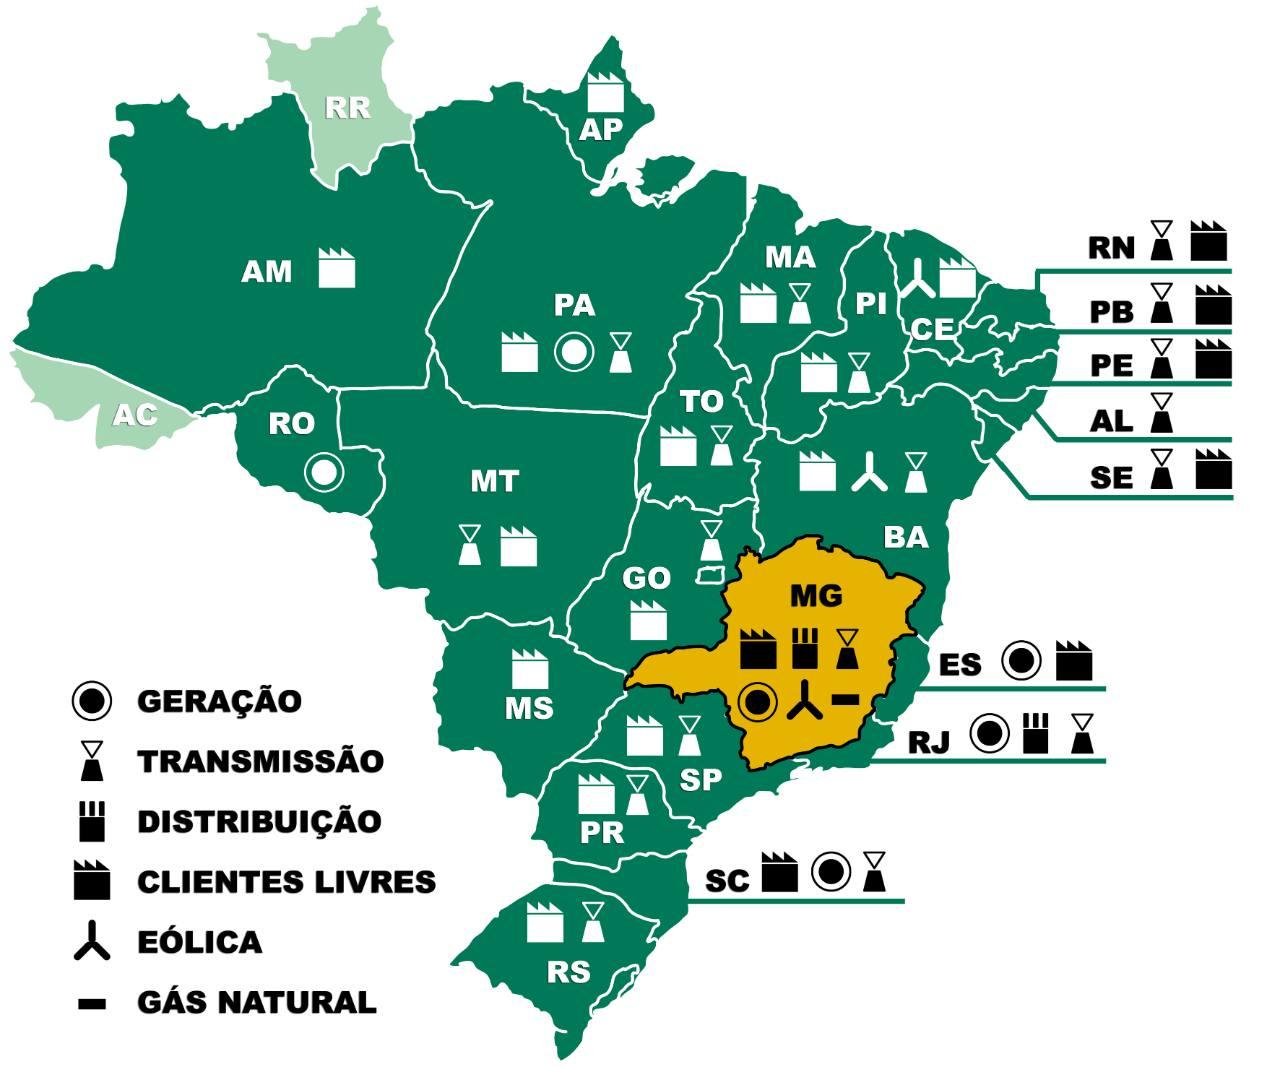 Mapa de atuação da Cemig